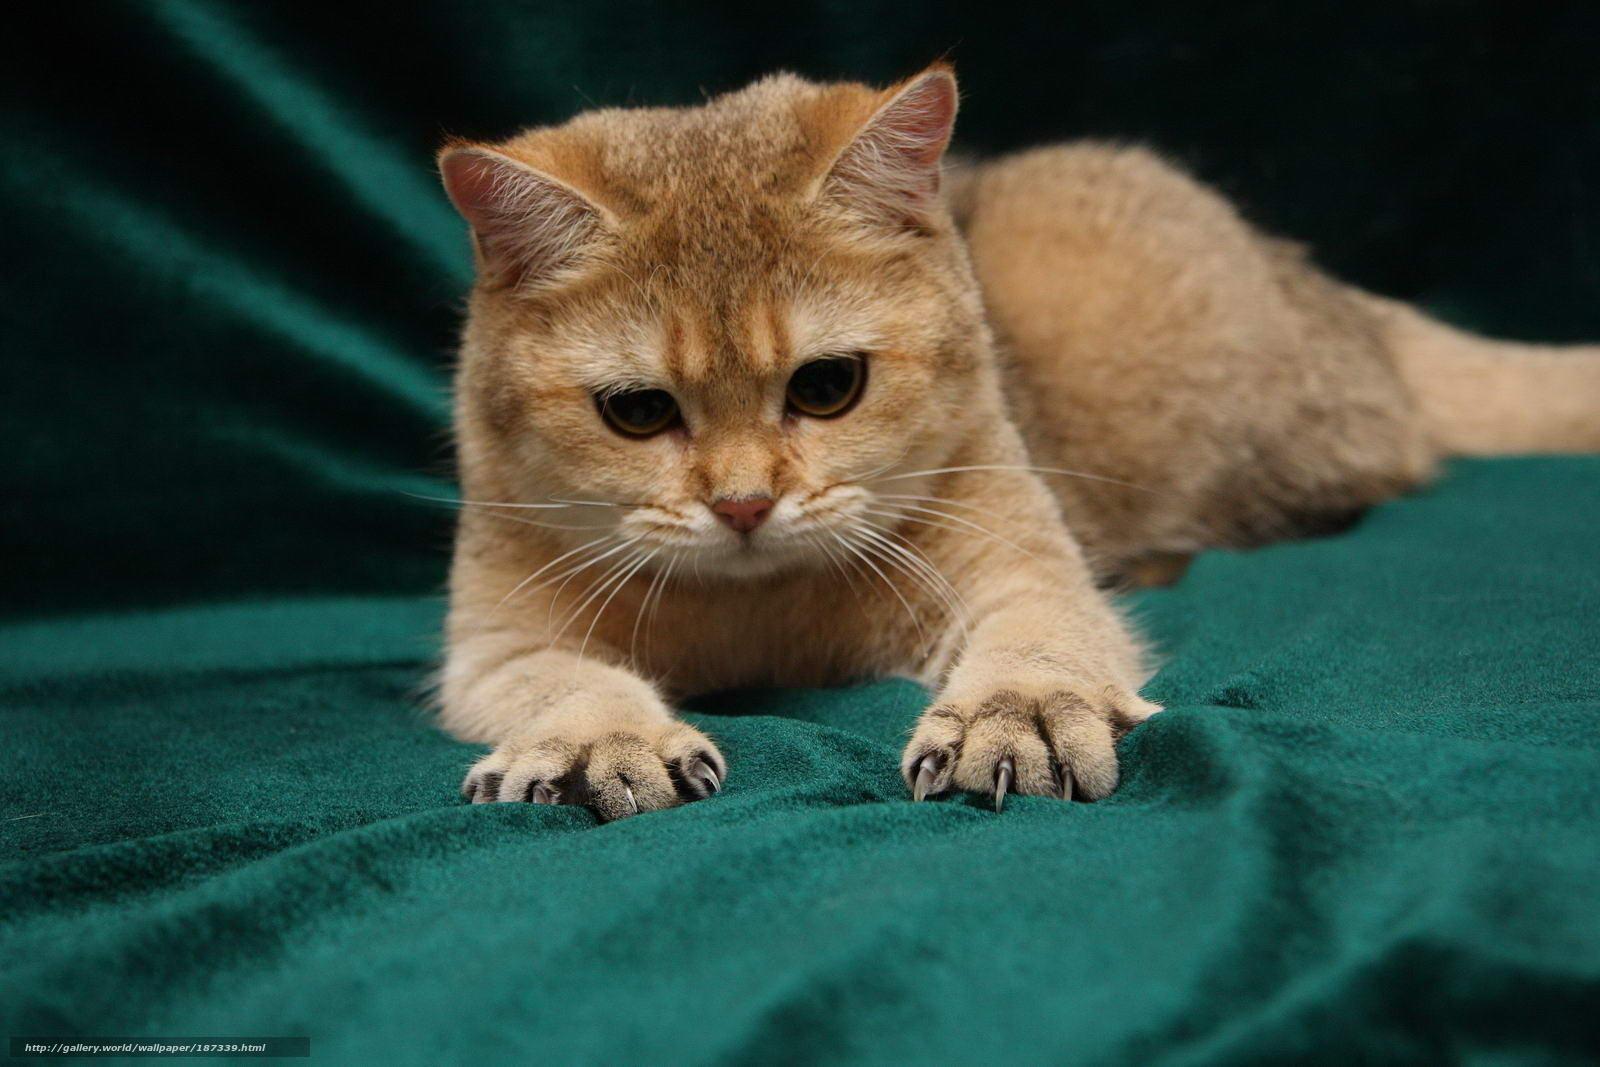 Скачать обои кот,  грозно,  когти,  лапы бесплатно для рабочего стола в разрешении 1600x1067 — картинка №187339